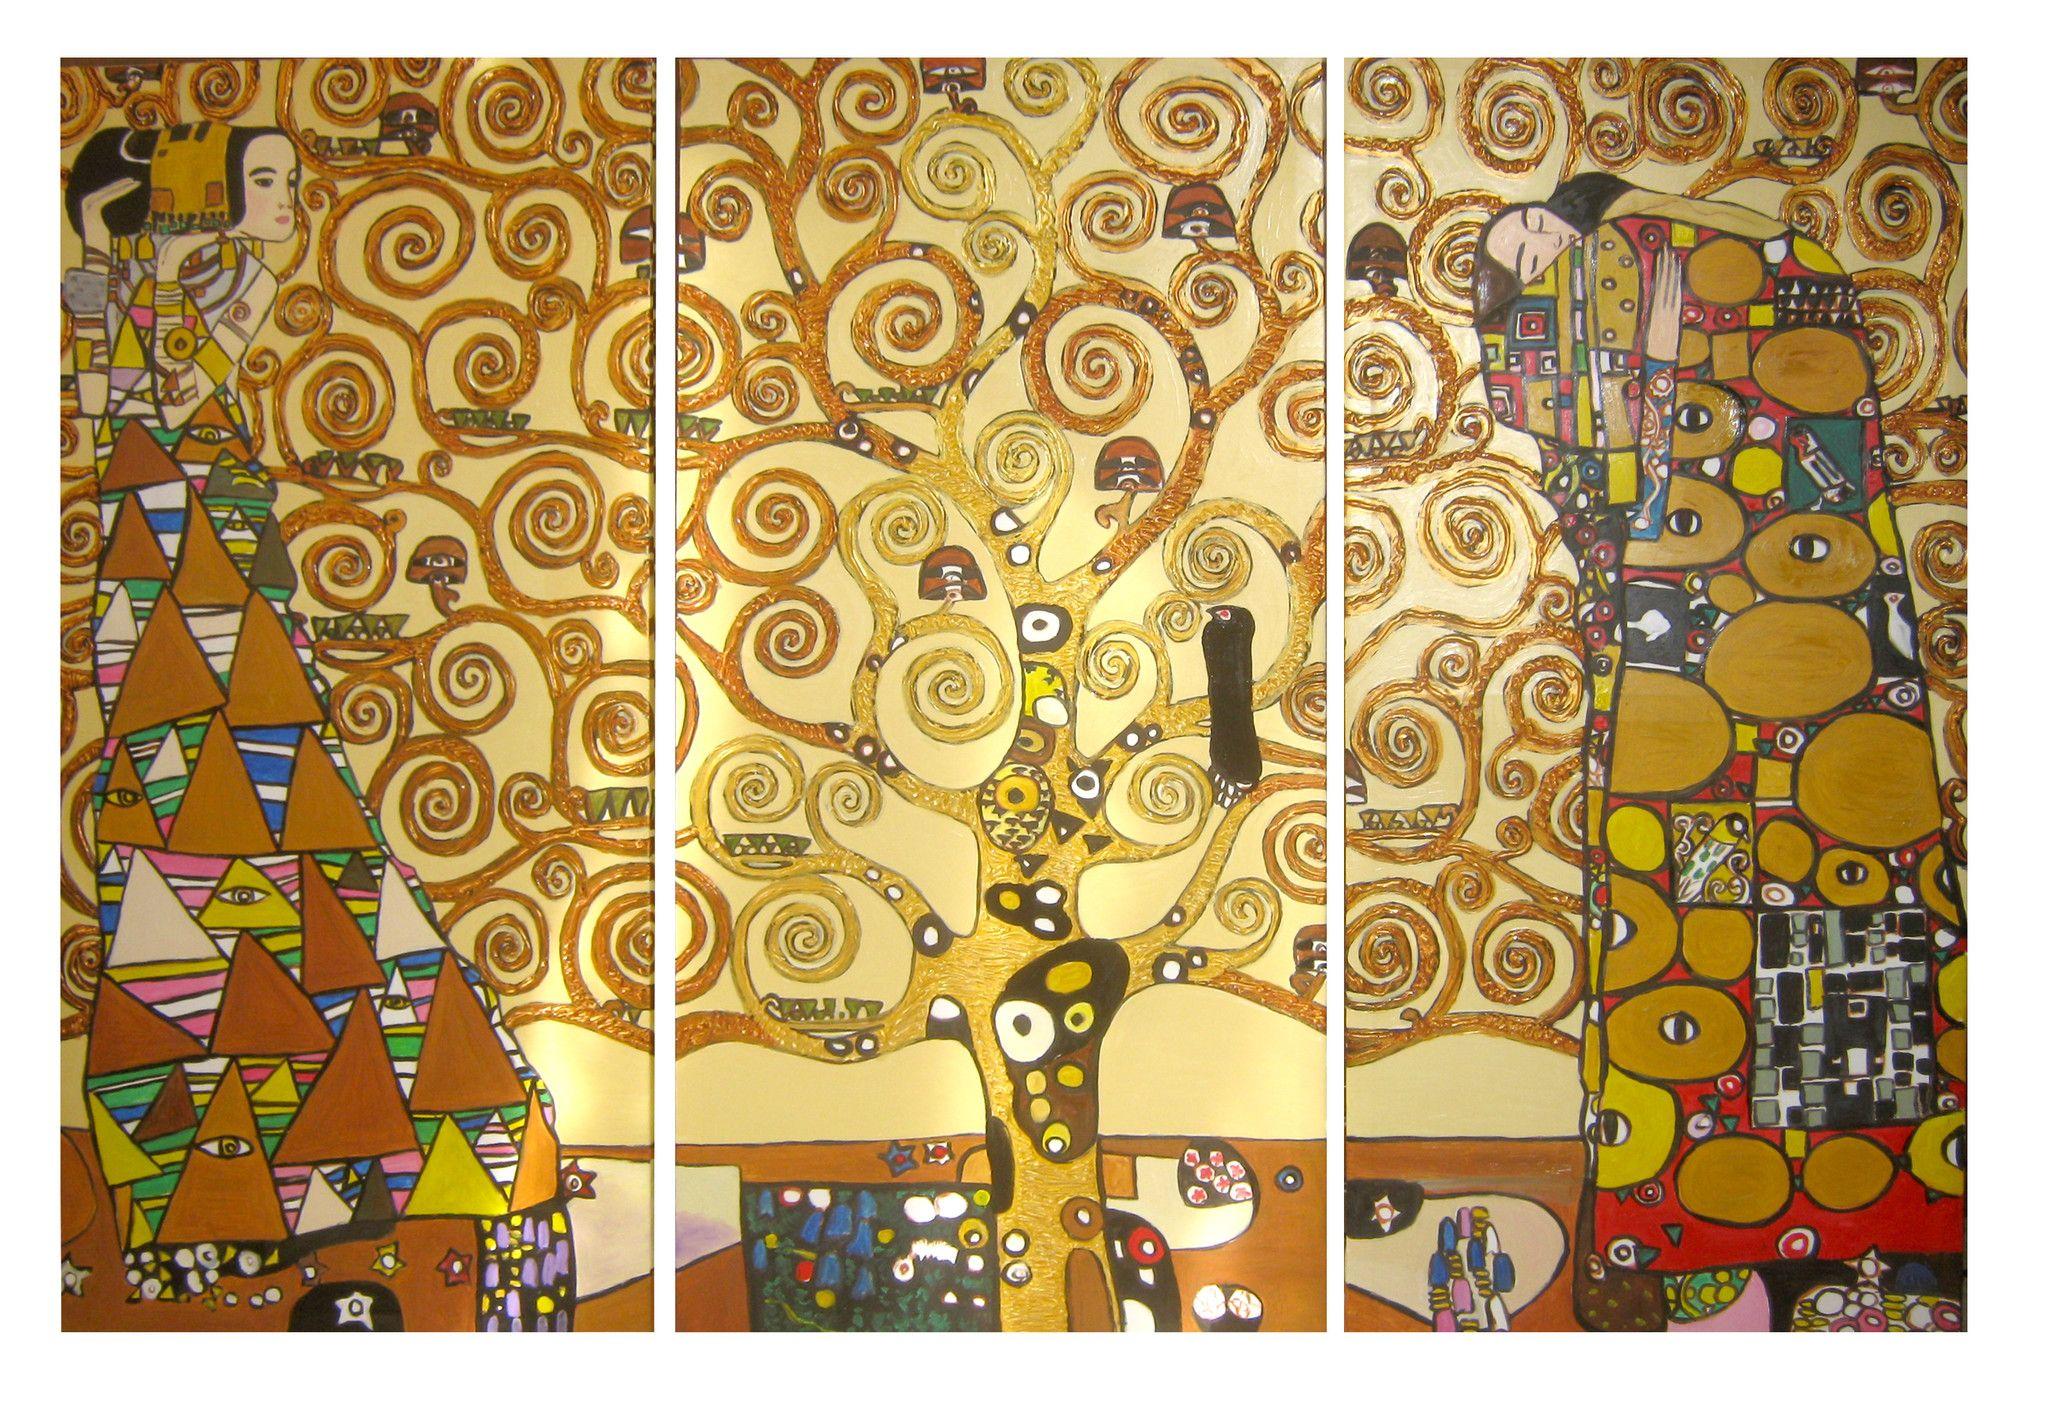 7da03e66d5 L'albero della vita - Copia di Gustav Klimt - n.3 panneli 90x45 ...